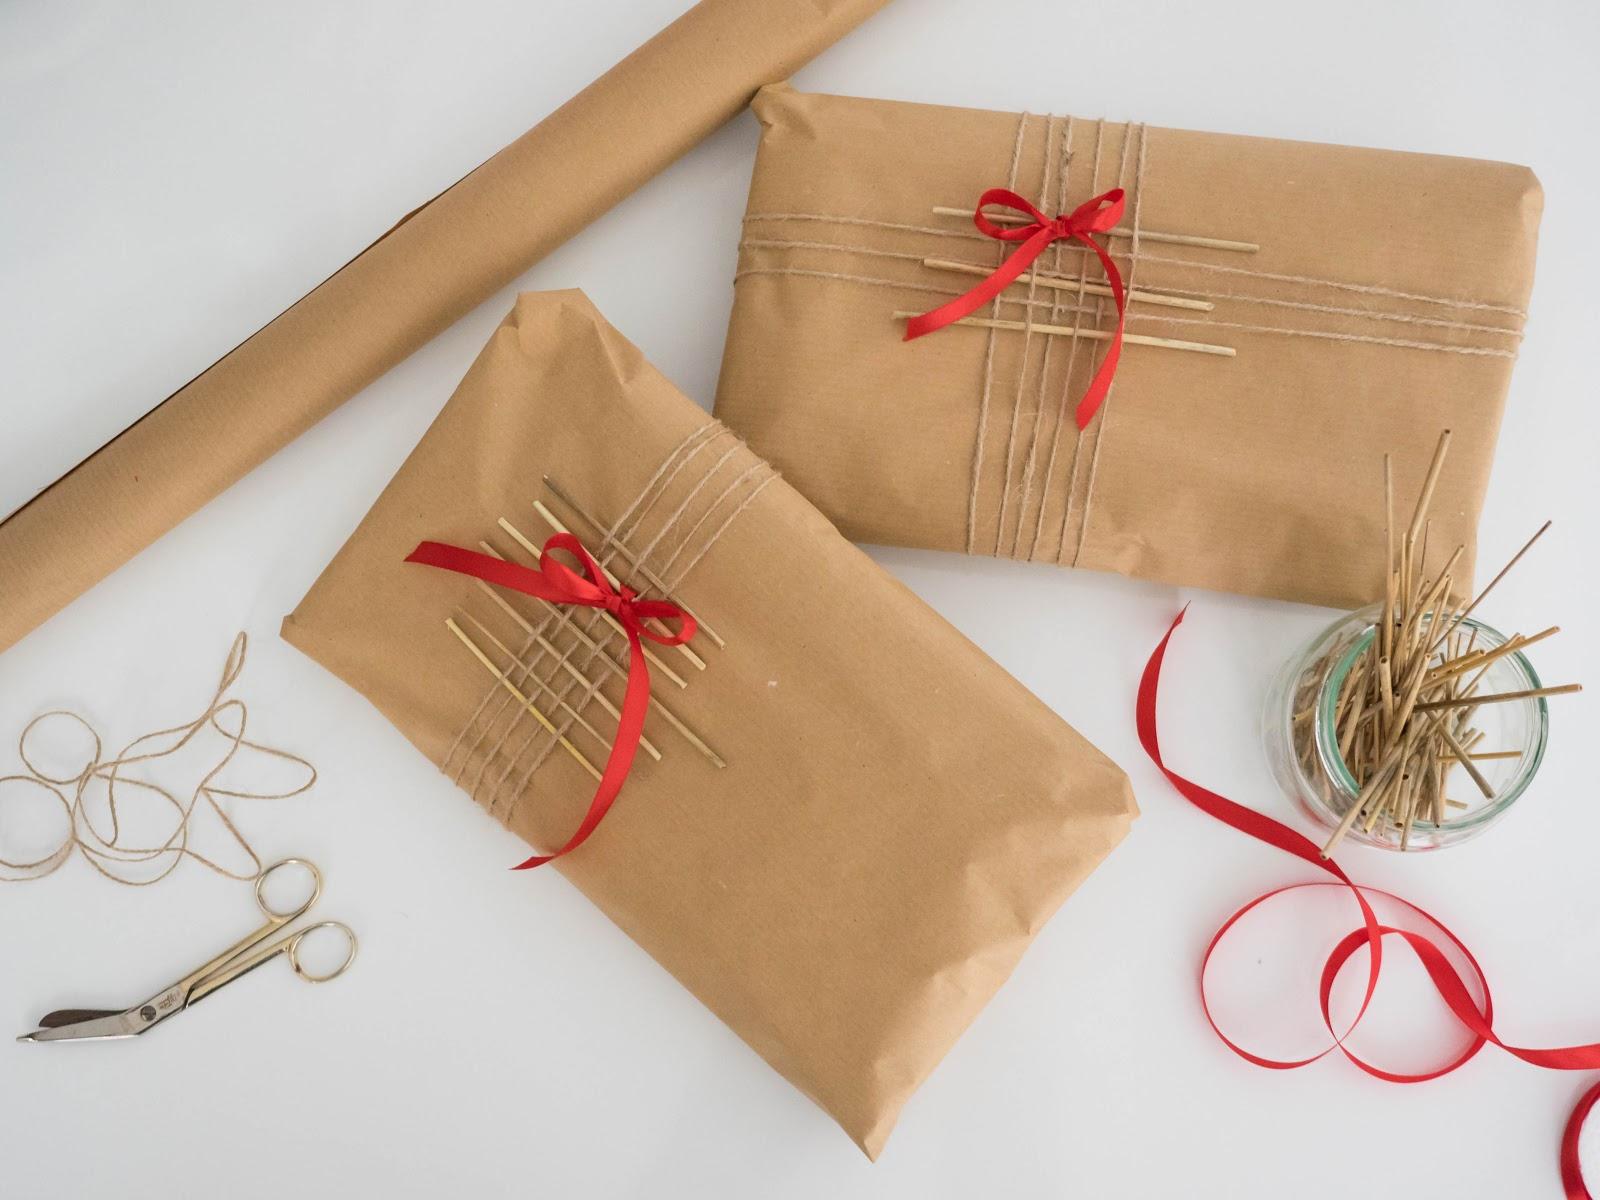 Talostakoti joululahja paketointi